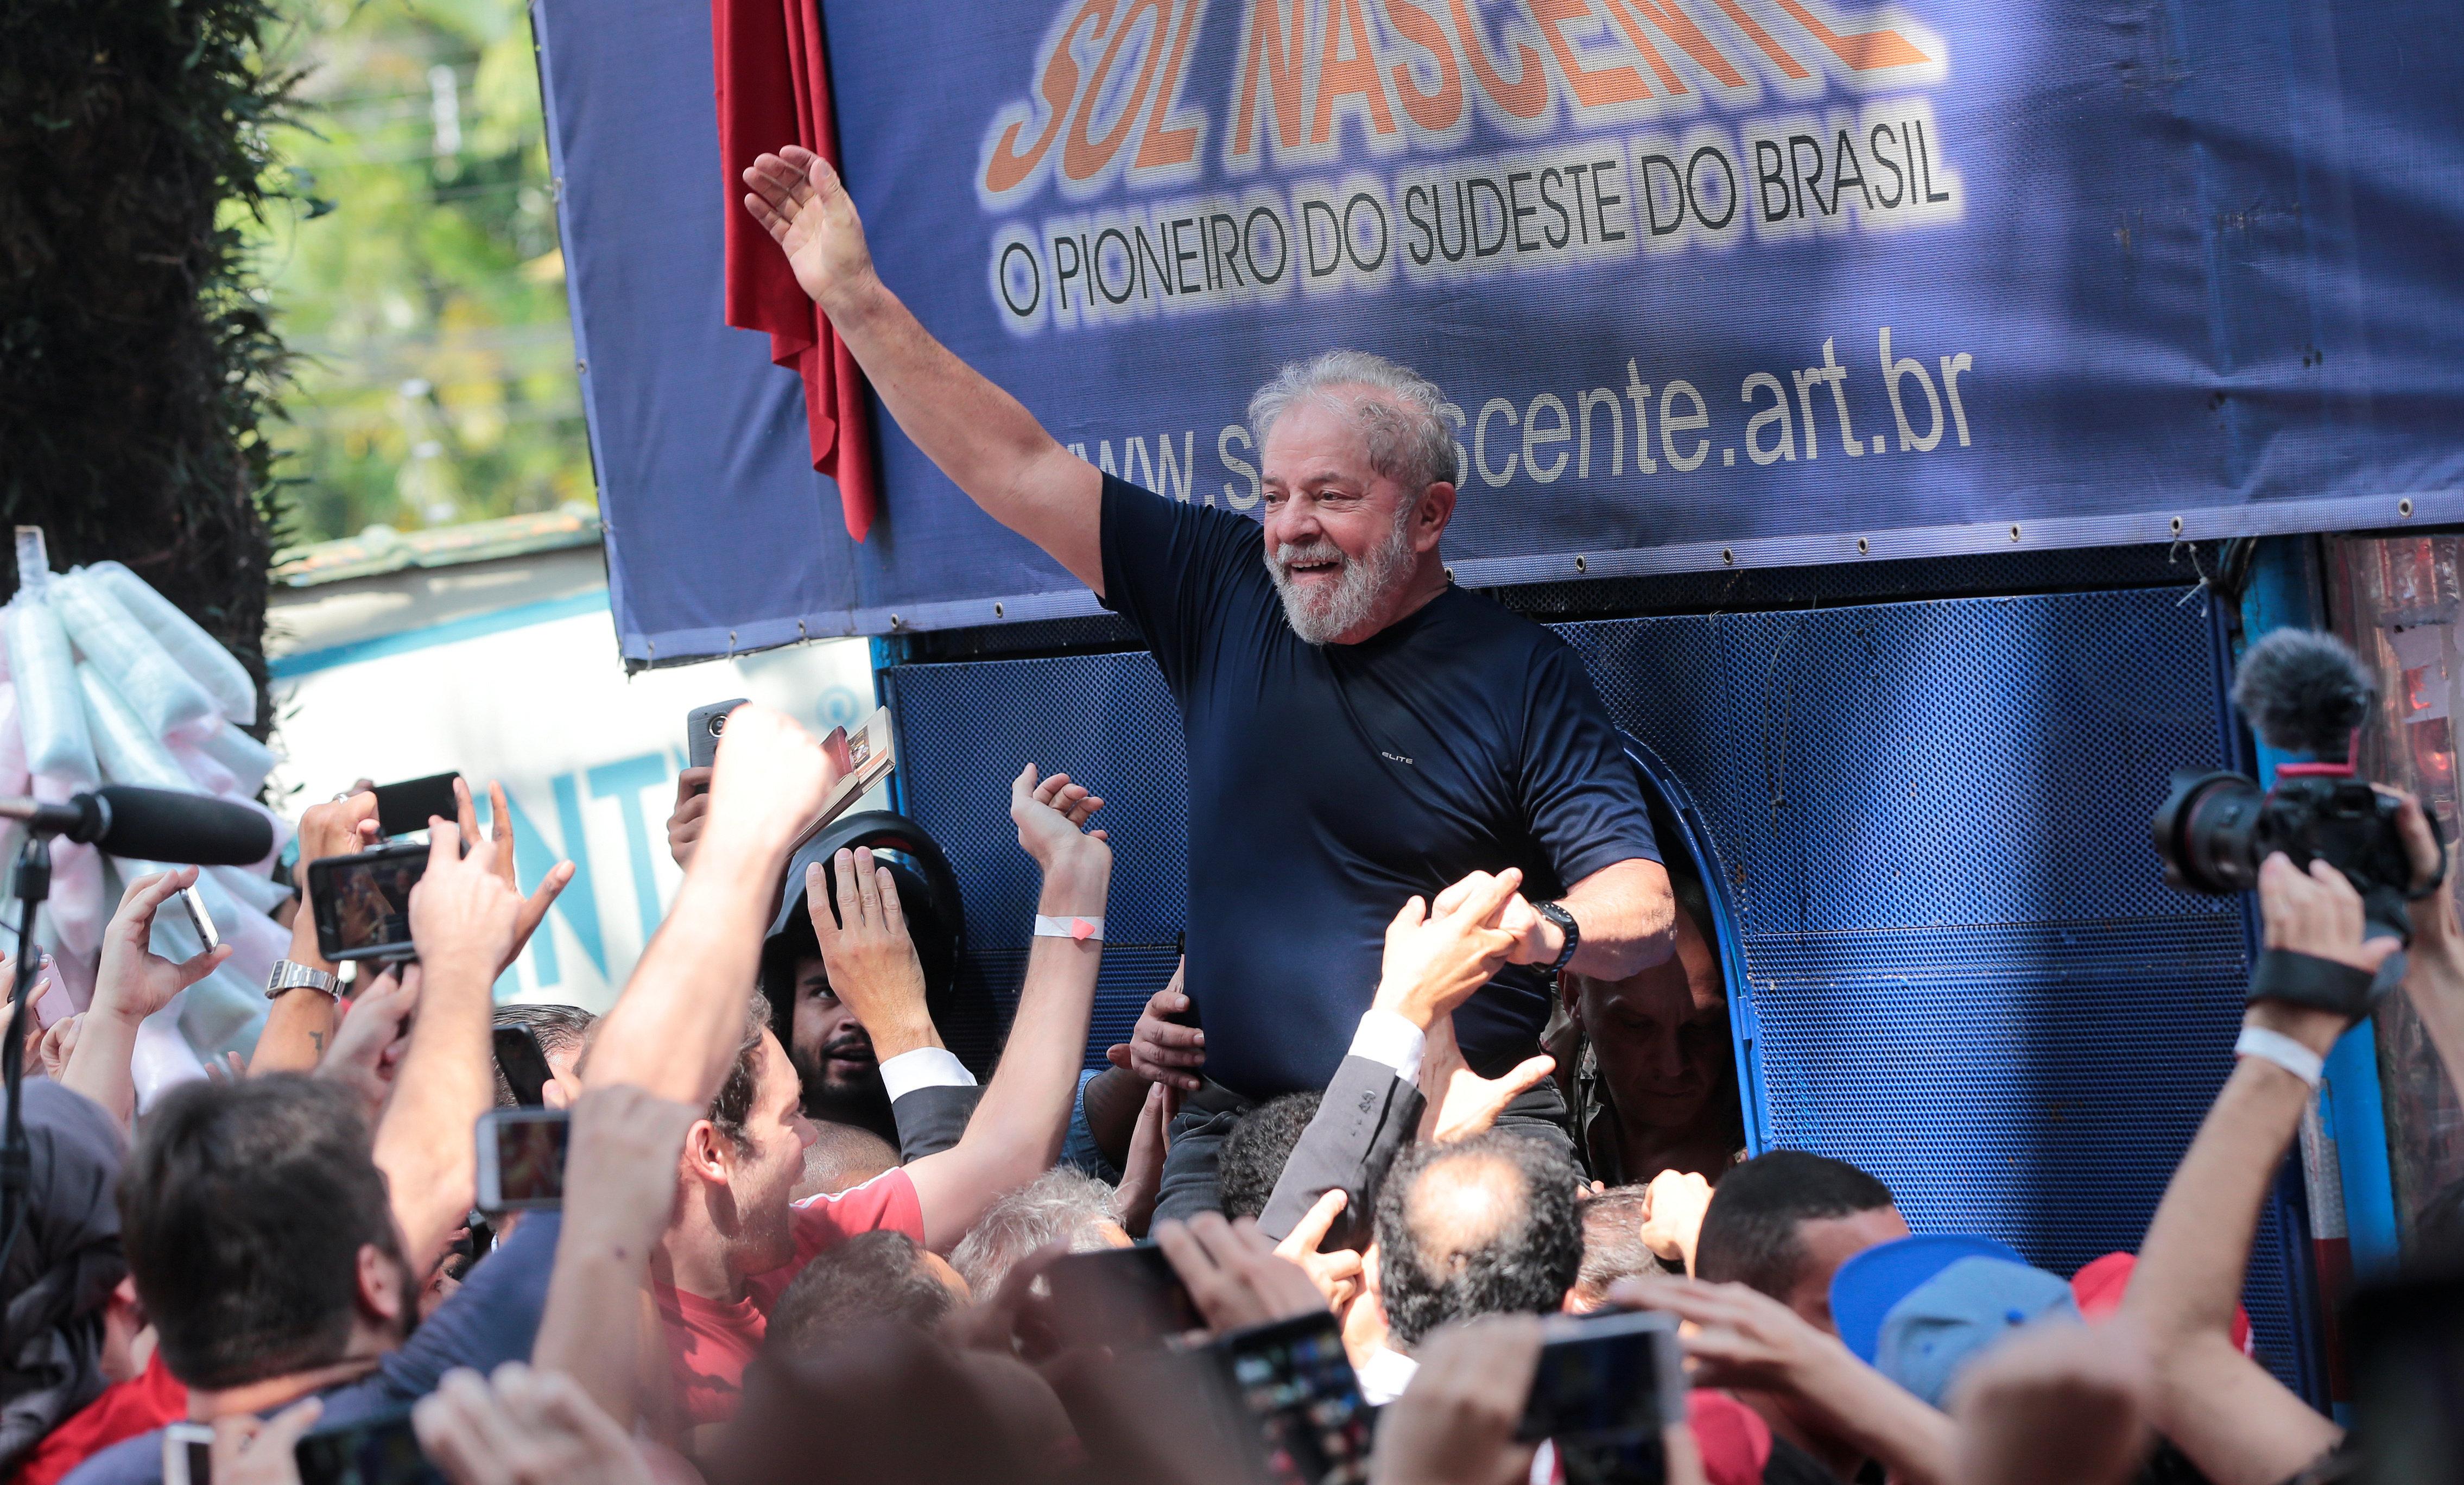 Μετά τα ευτράπελα ο πρώην πρόεδρος της Βραζιλίας, Λούλα μετήχθη στη φυλακή για να εκτίσει 12 χρόνια για υποθέσεις